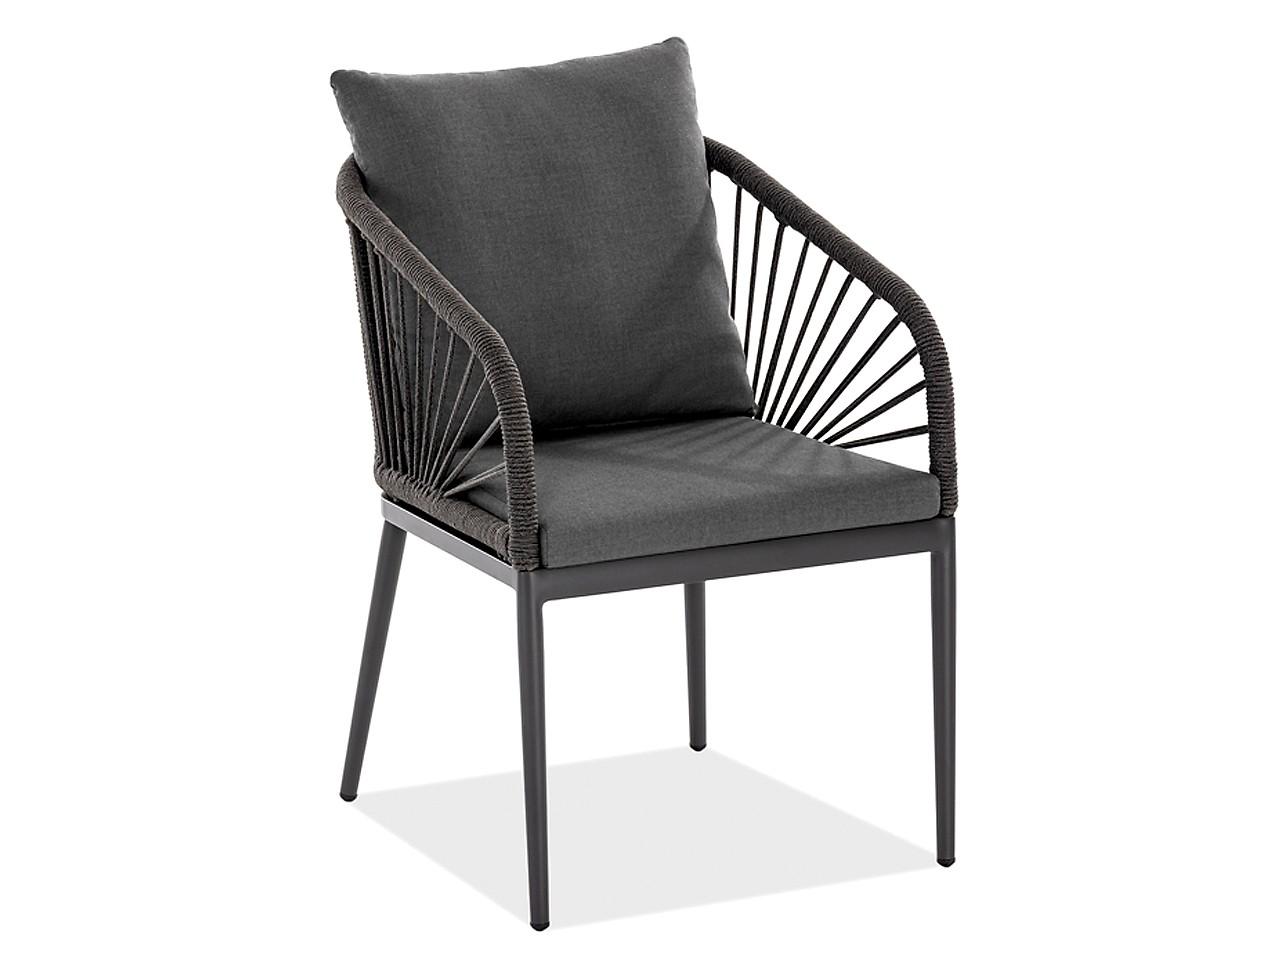 Niehoff Designstuhl Gartenstuhl Pino G572.100.180 Anthrazit